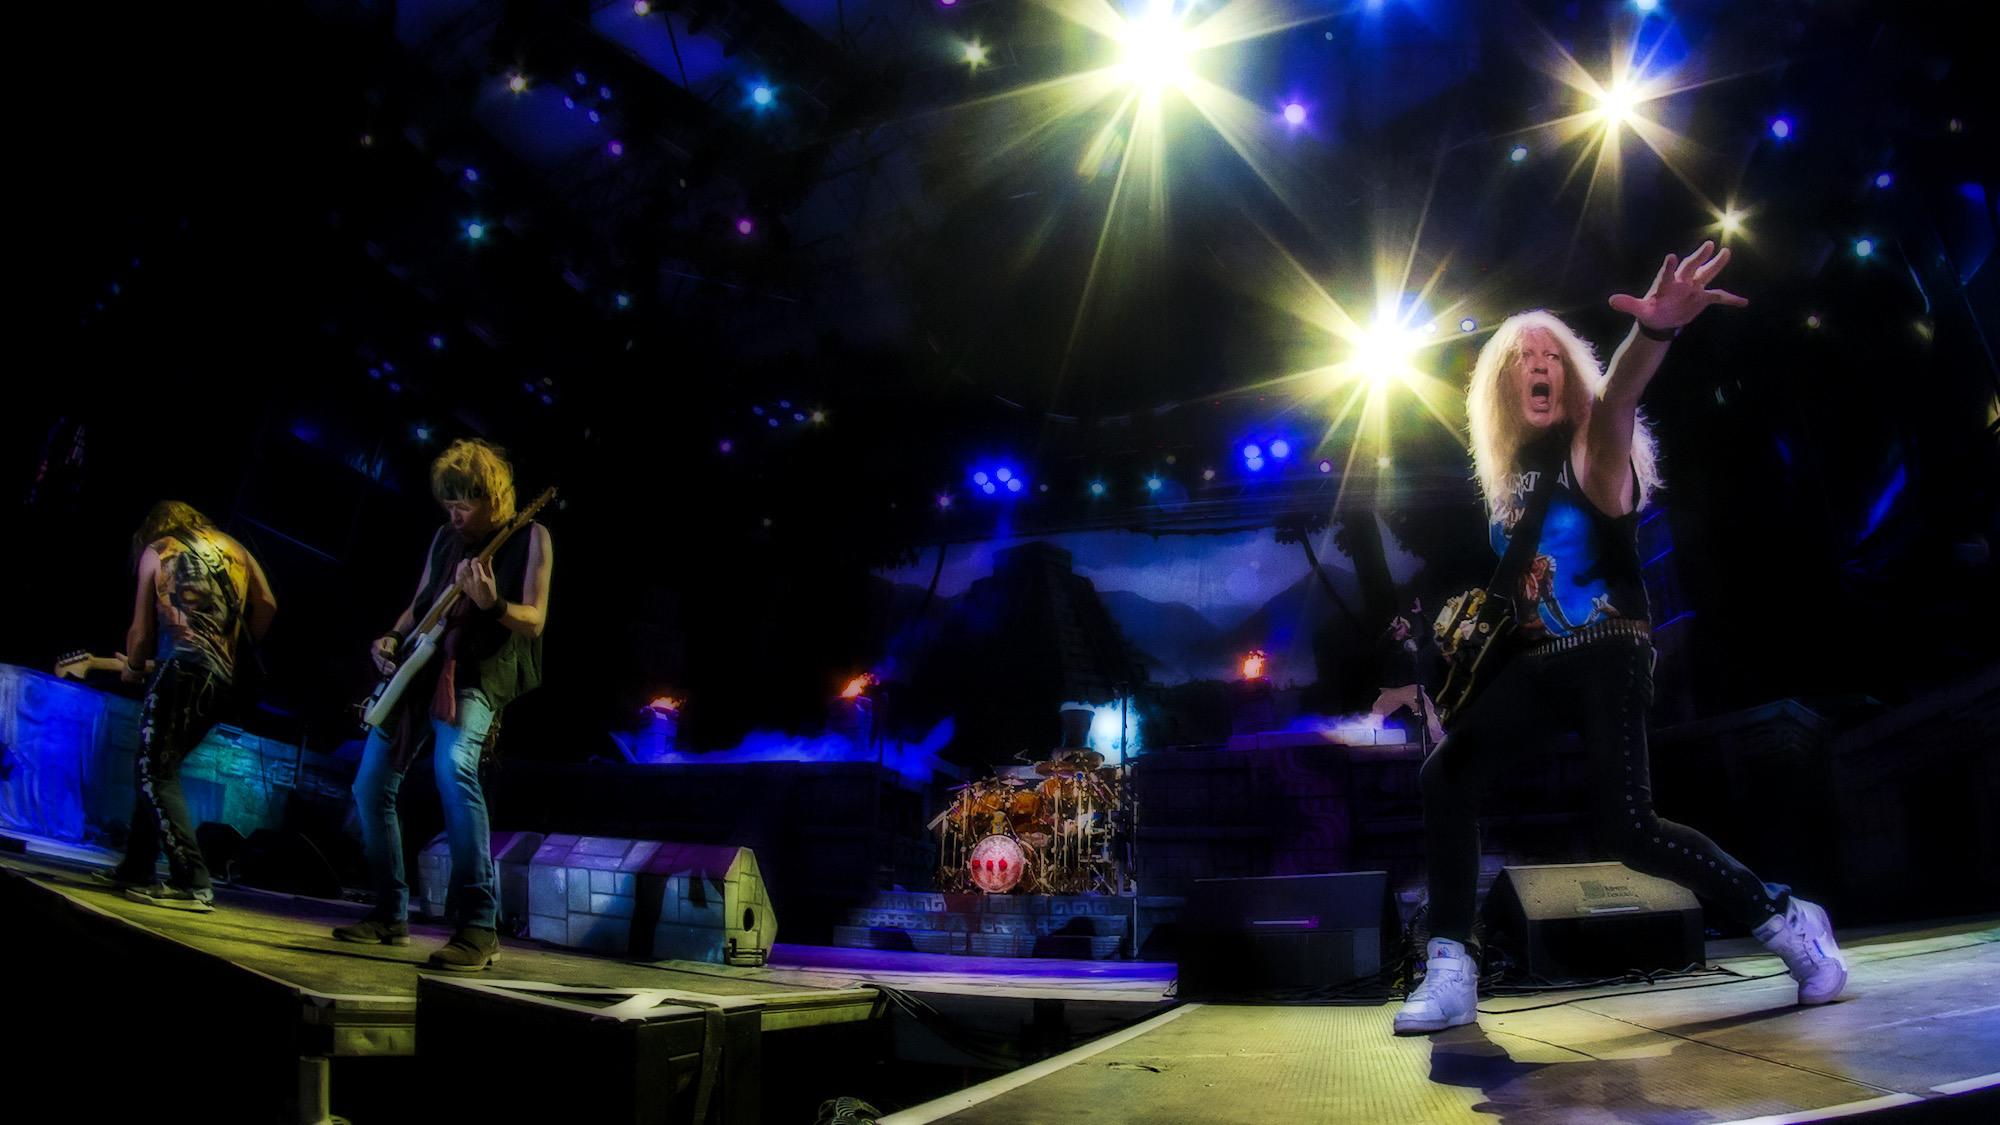 """El concierto del año en San Salvador del 2016, sin duda fue la presentación de la Banda Iron Maiden, el pasado 3 de marzo en el Estadio Nacional Jorge """"El Mágico"""" González. Miles de salvadoreños amantes del metal hicieron realidad el sueño de presenciar la calidad de esta banda. Foto FACTUM/Salvador MELENDEZ"""